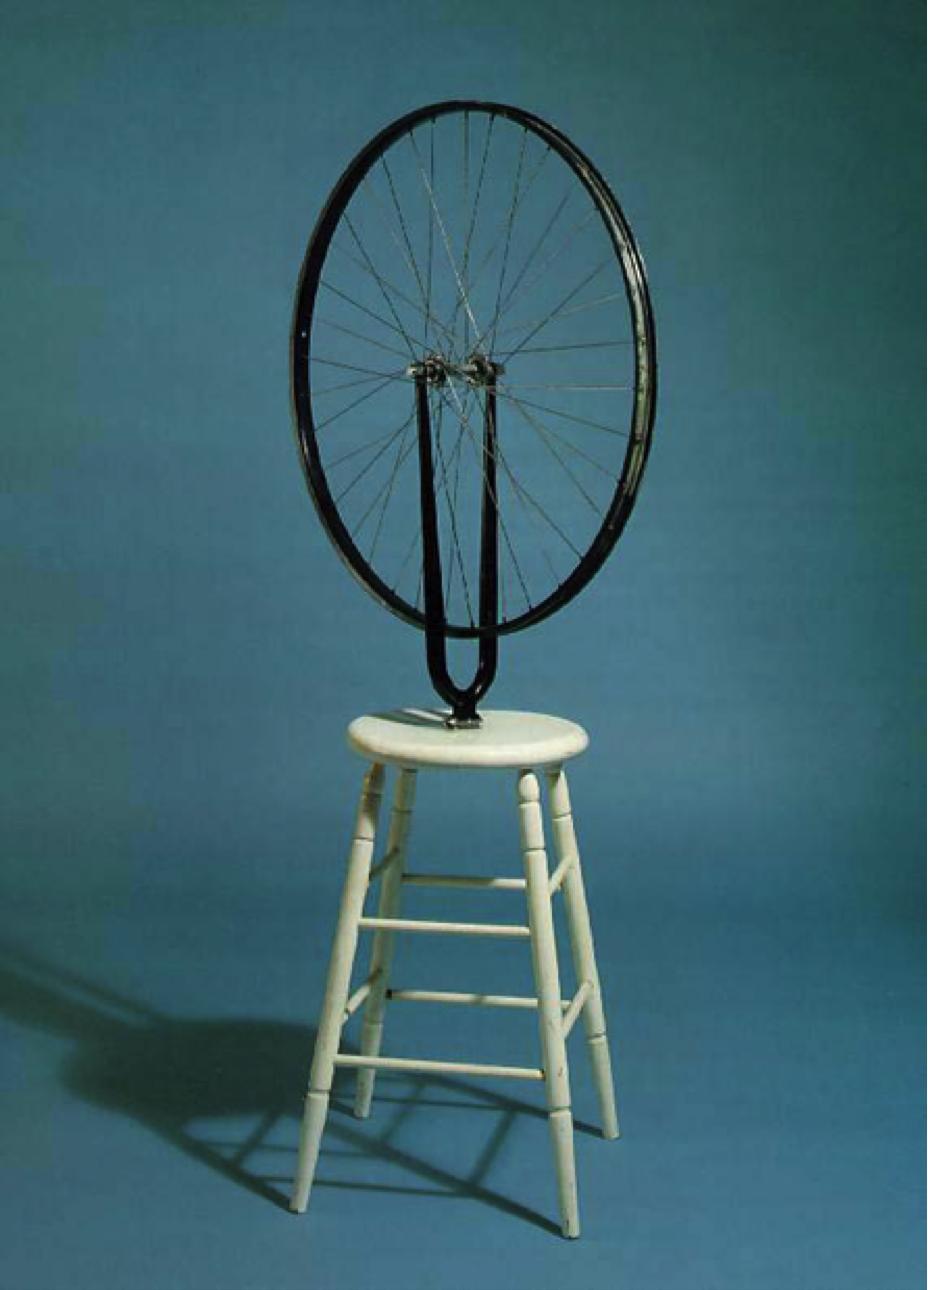 'Bicyclewheel' - Marcel Duchamp 1913